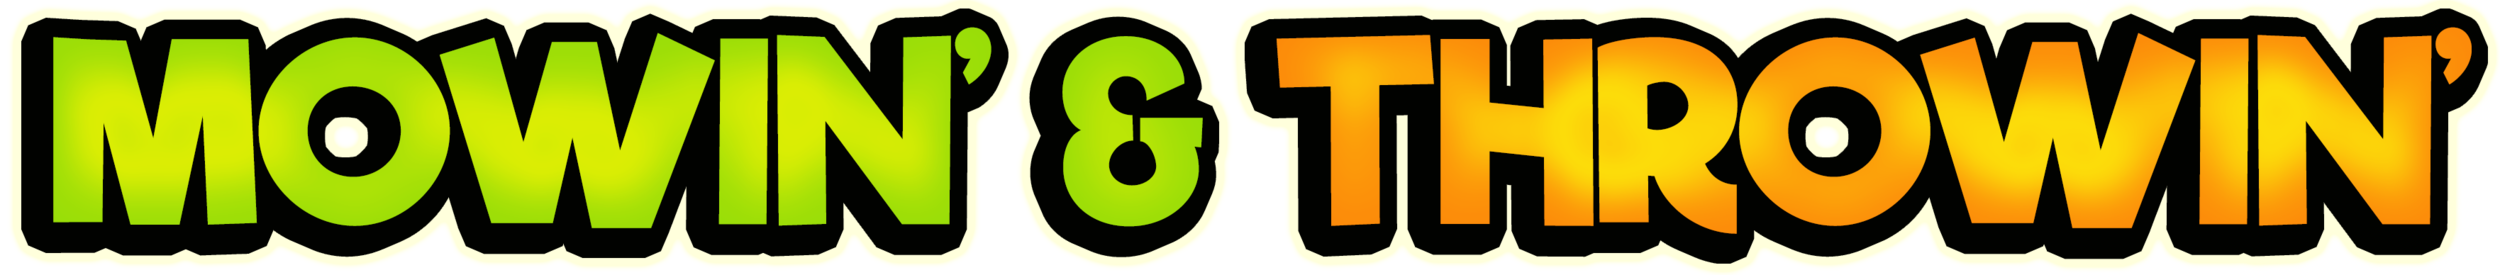 mowin logo.png